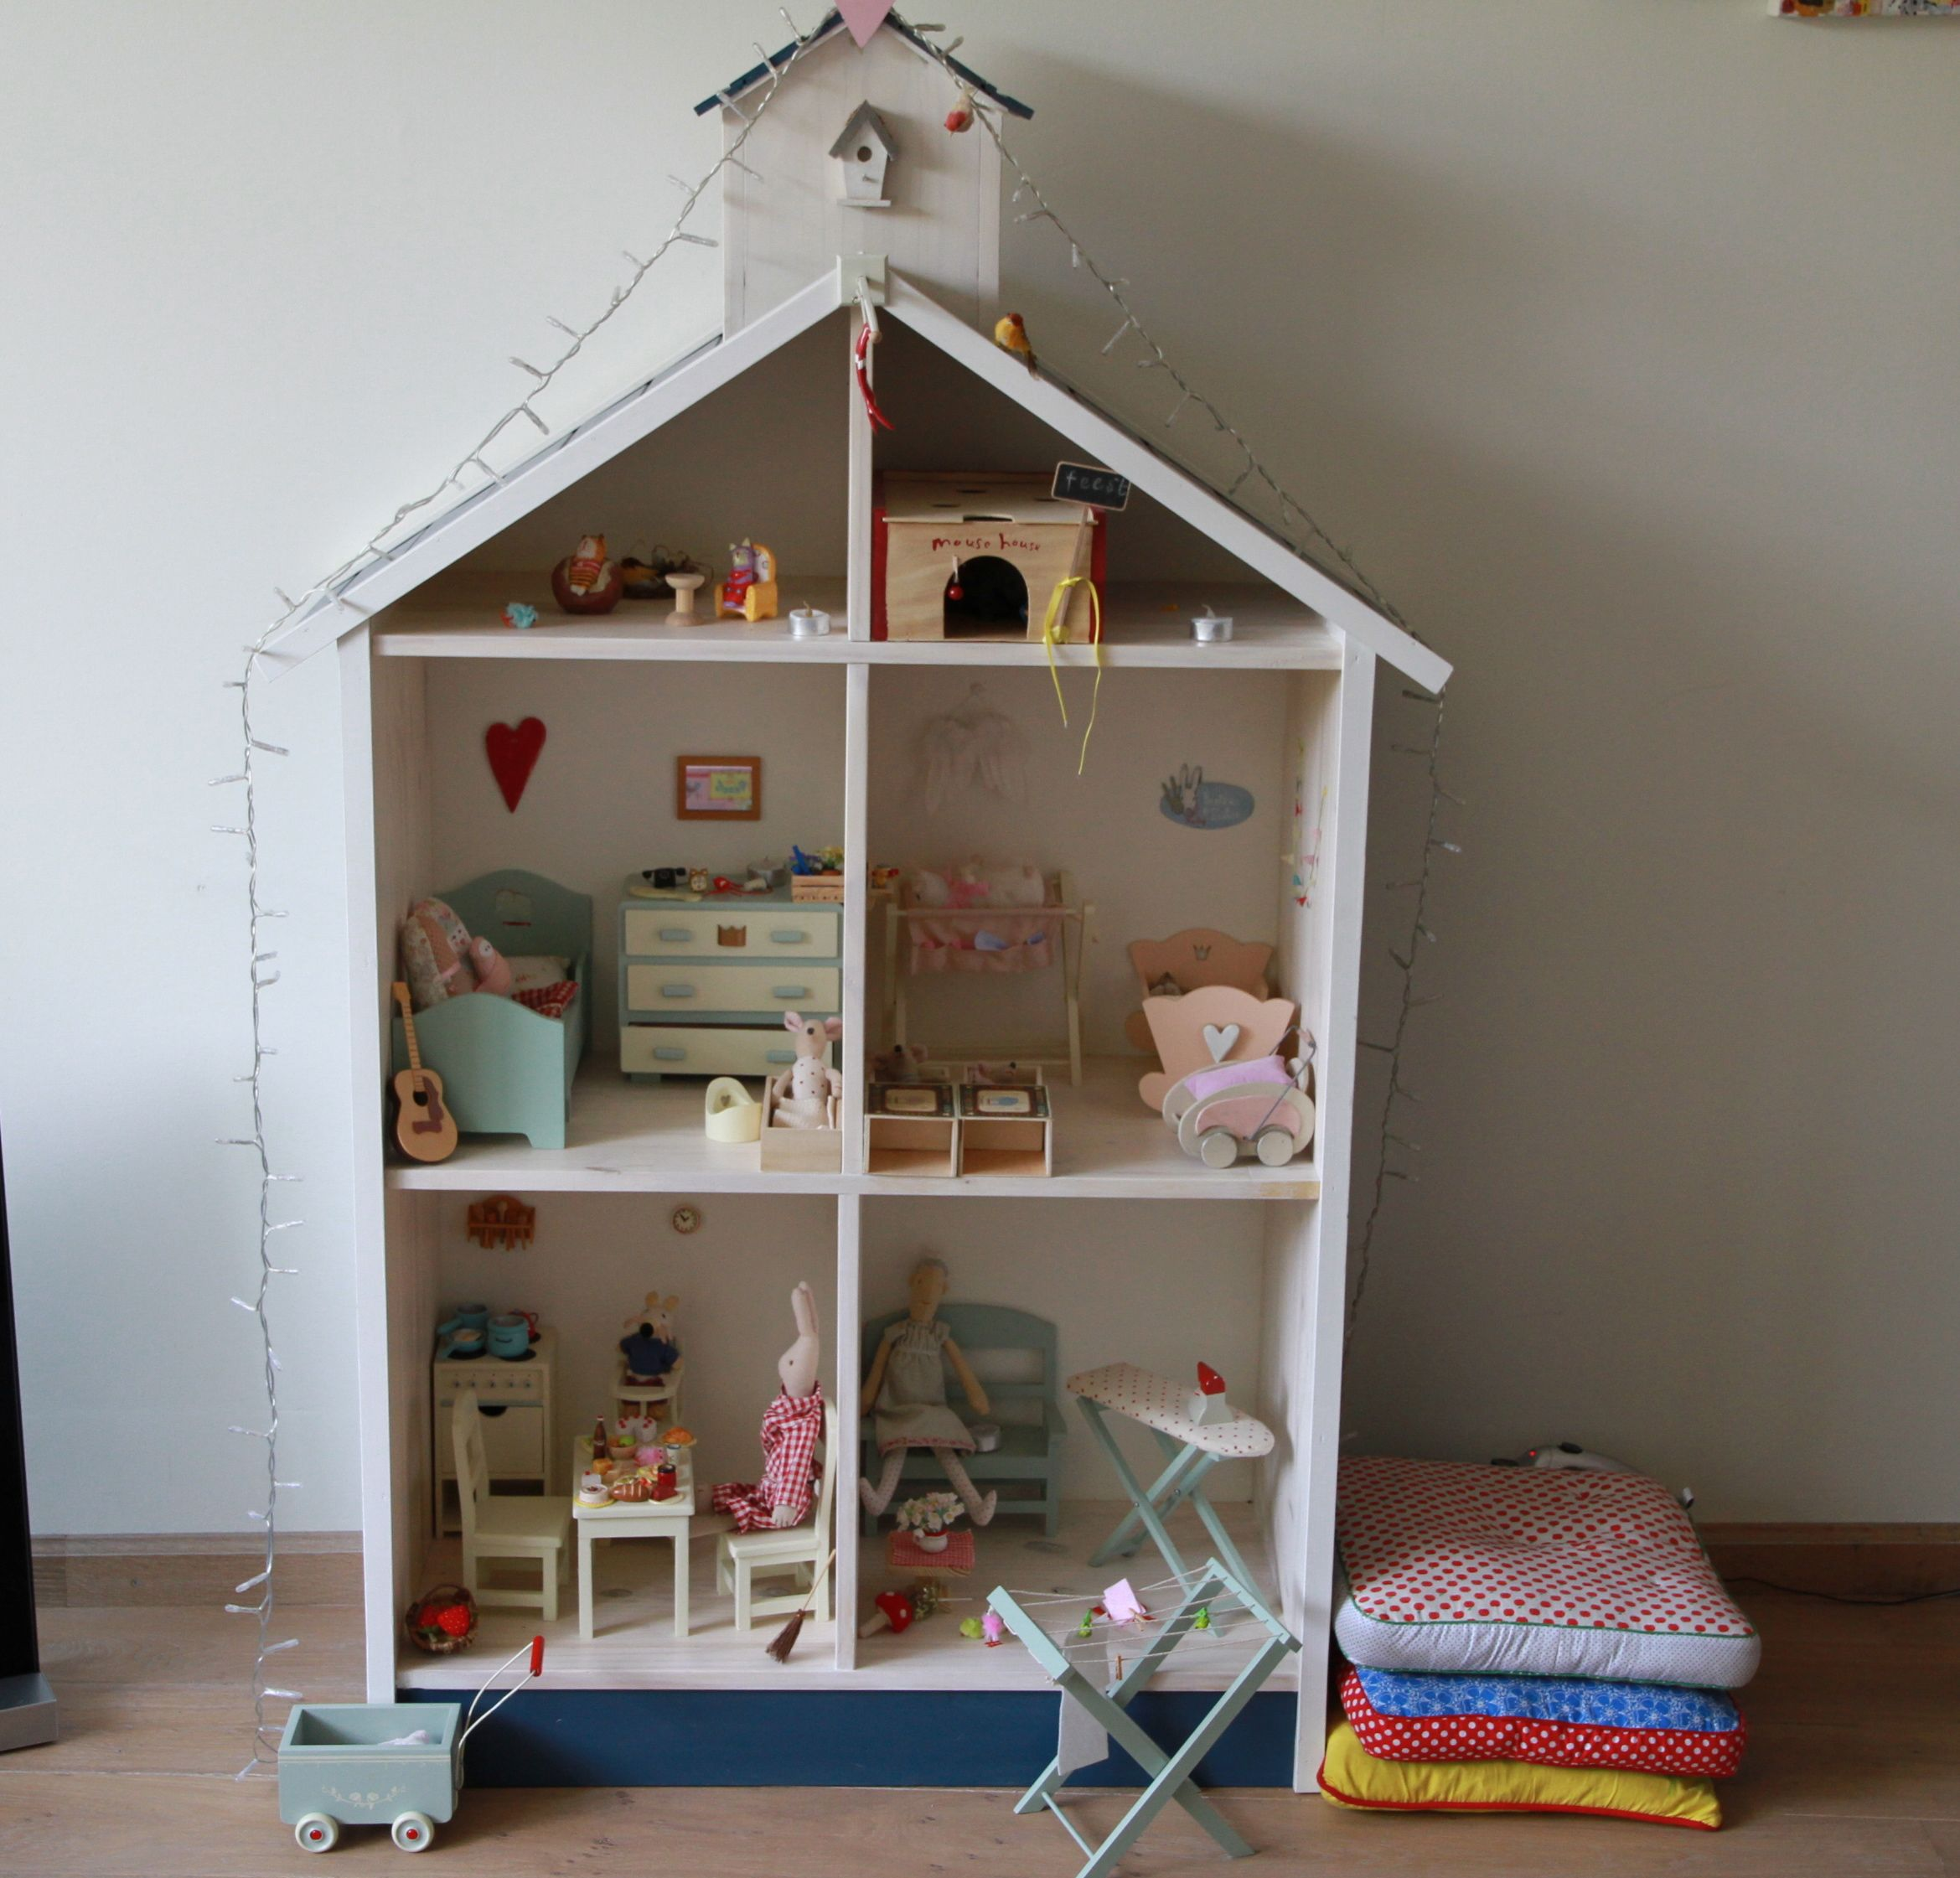 Puppenhaus puppenhaus puppen puppenstube und haus - Puppenhaus basteln ...